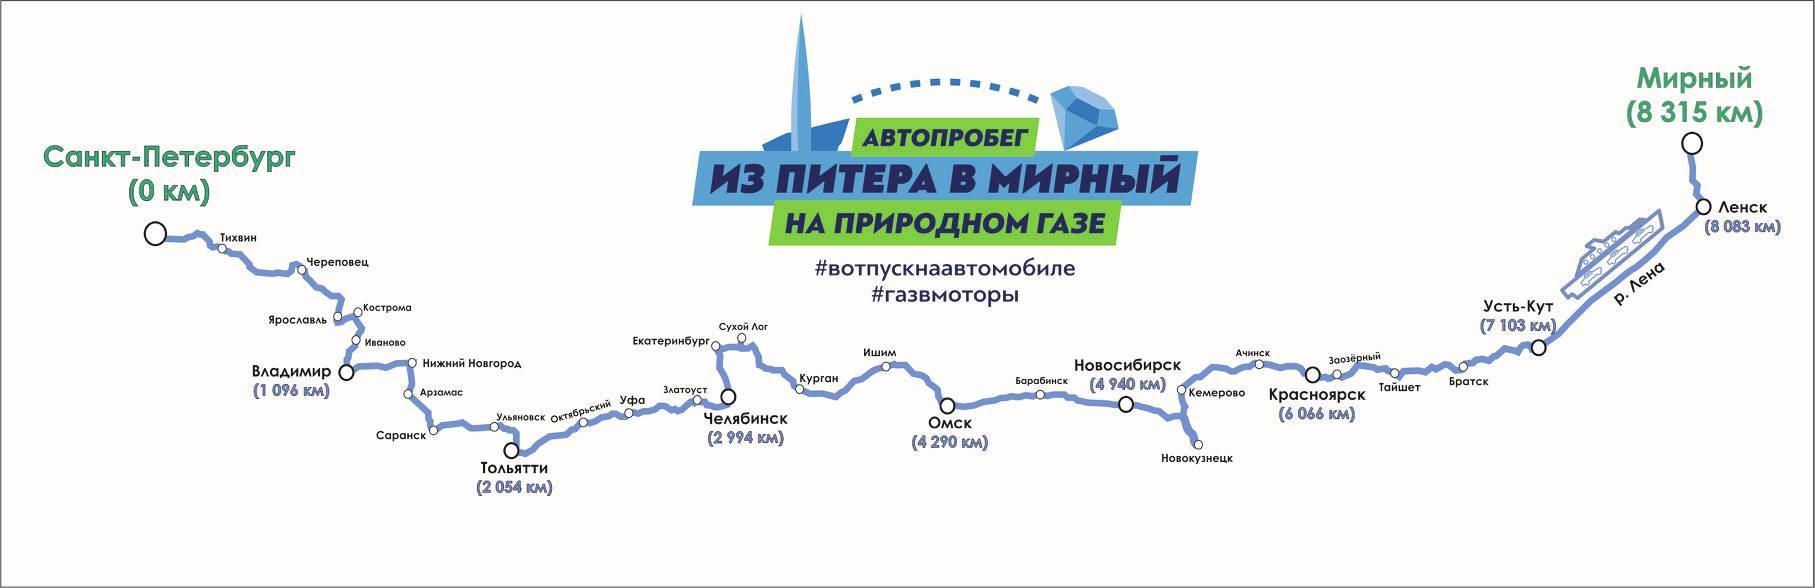 Колонна автопробега «Из Питера в Мирный» на природном газе посетила Тольятти